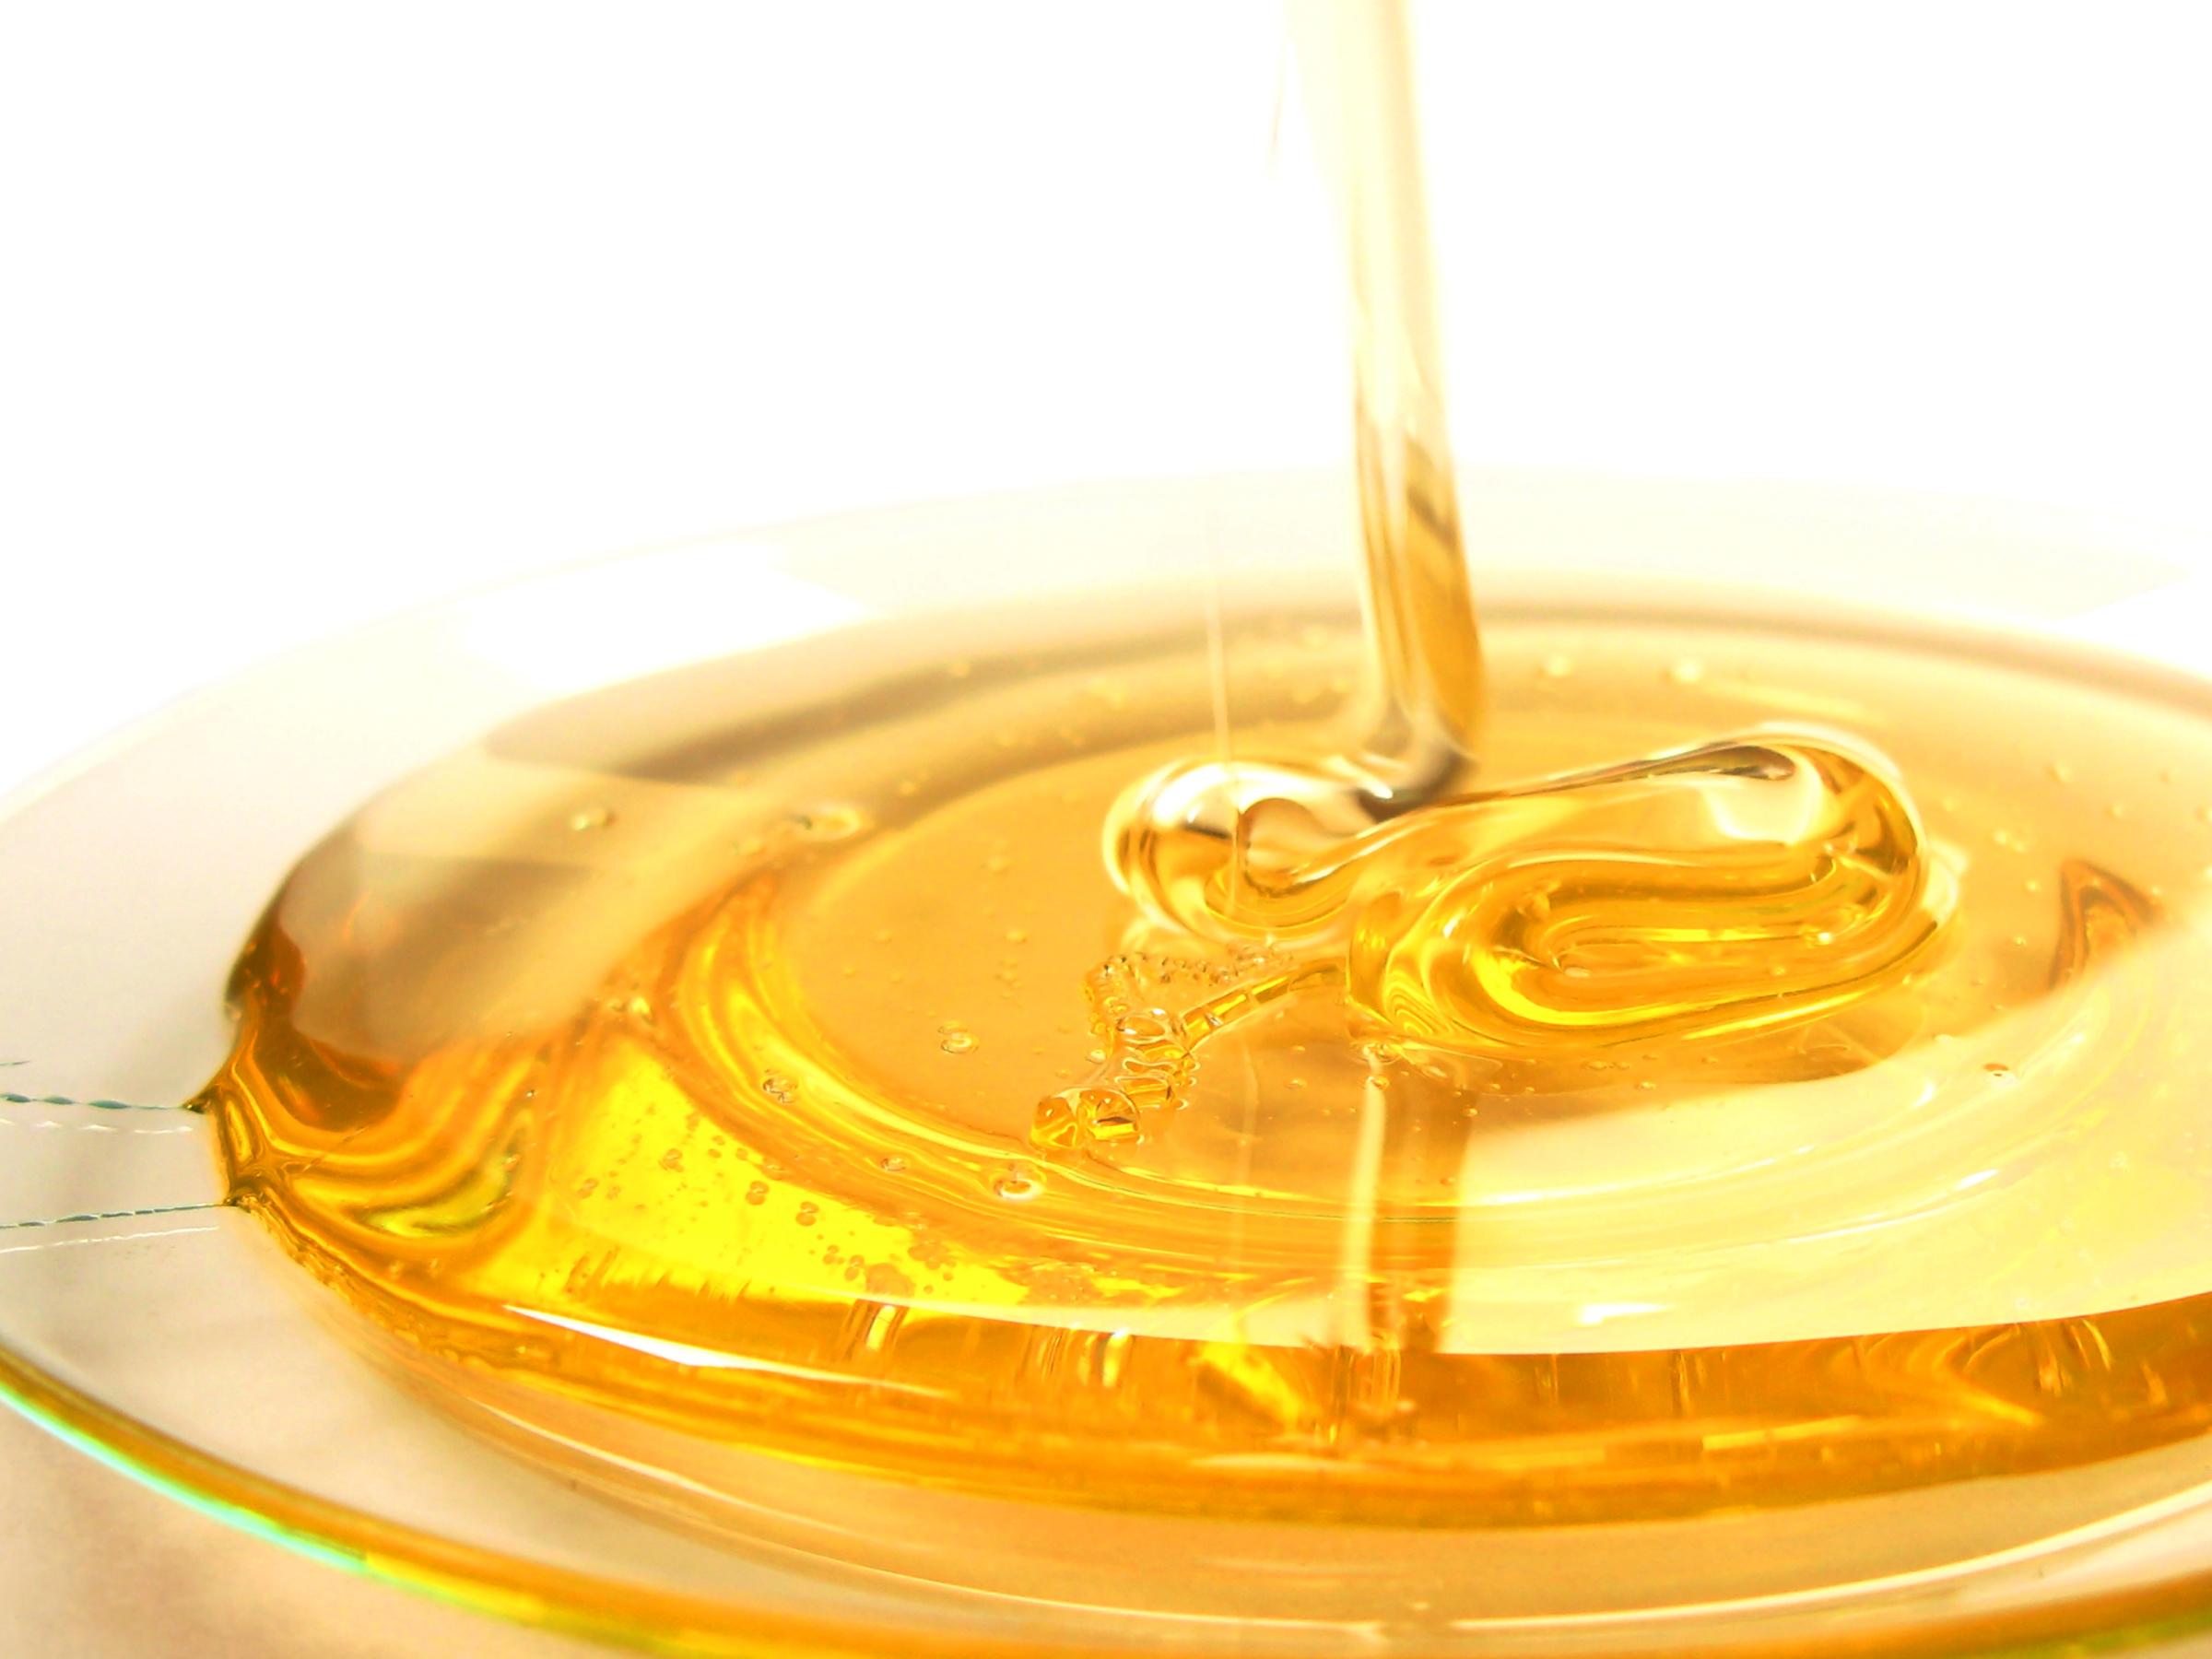 Honey 41